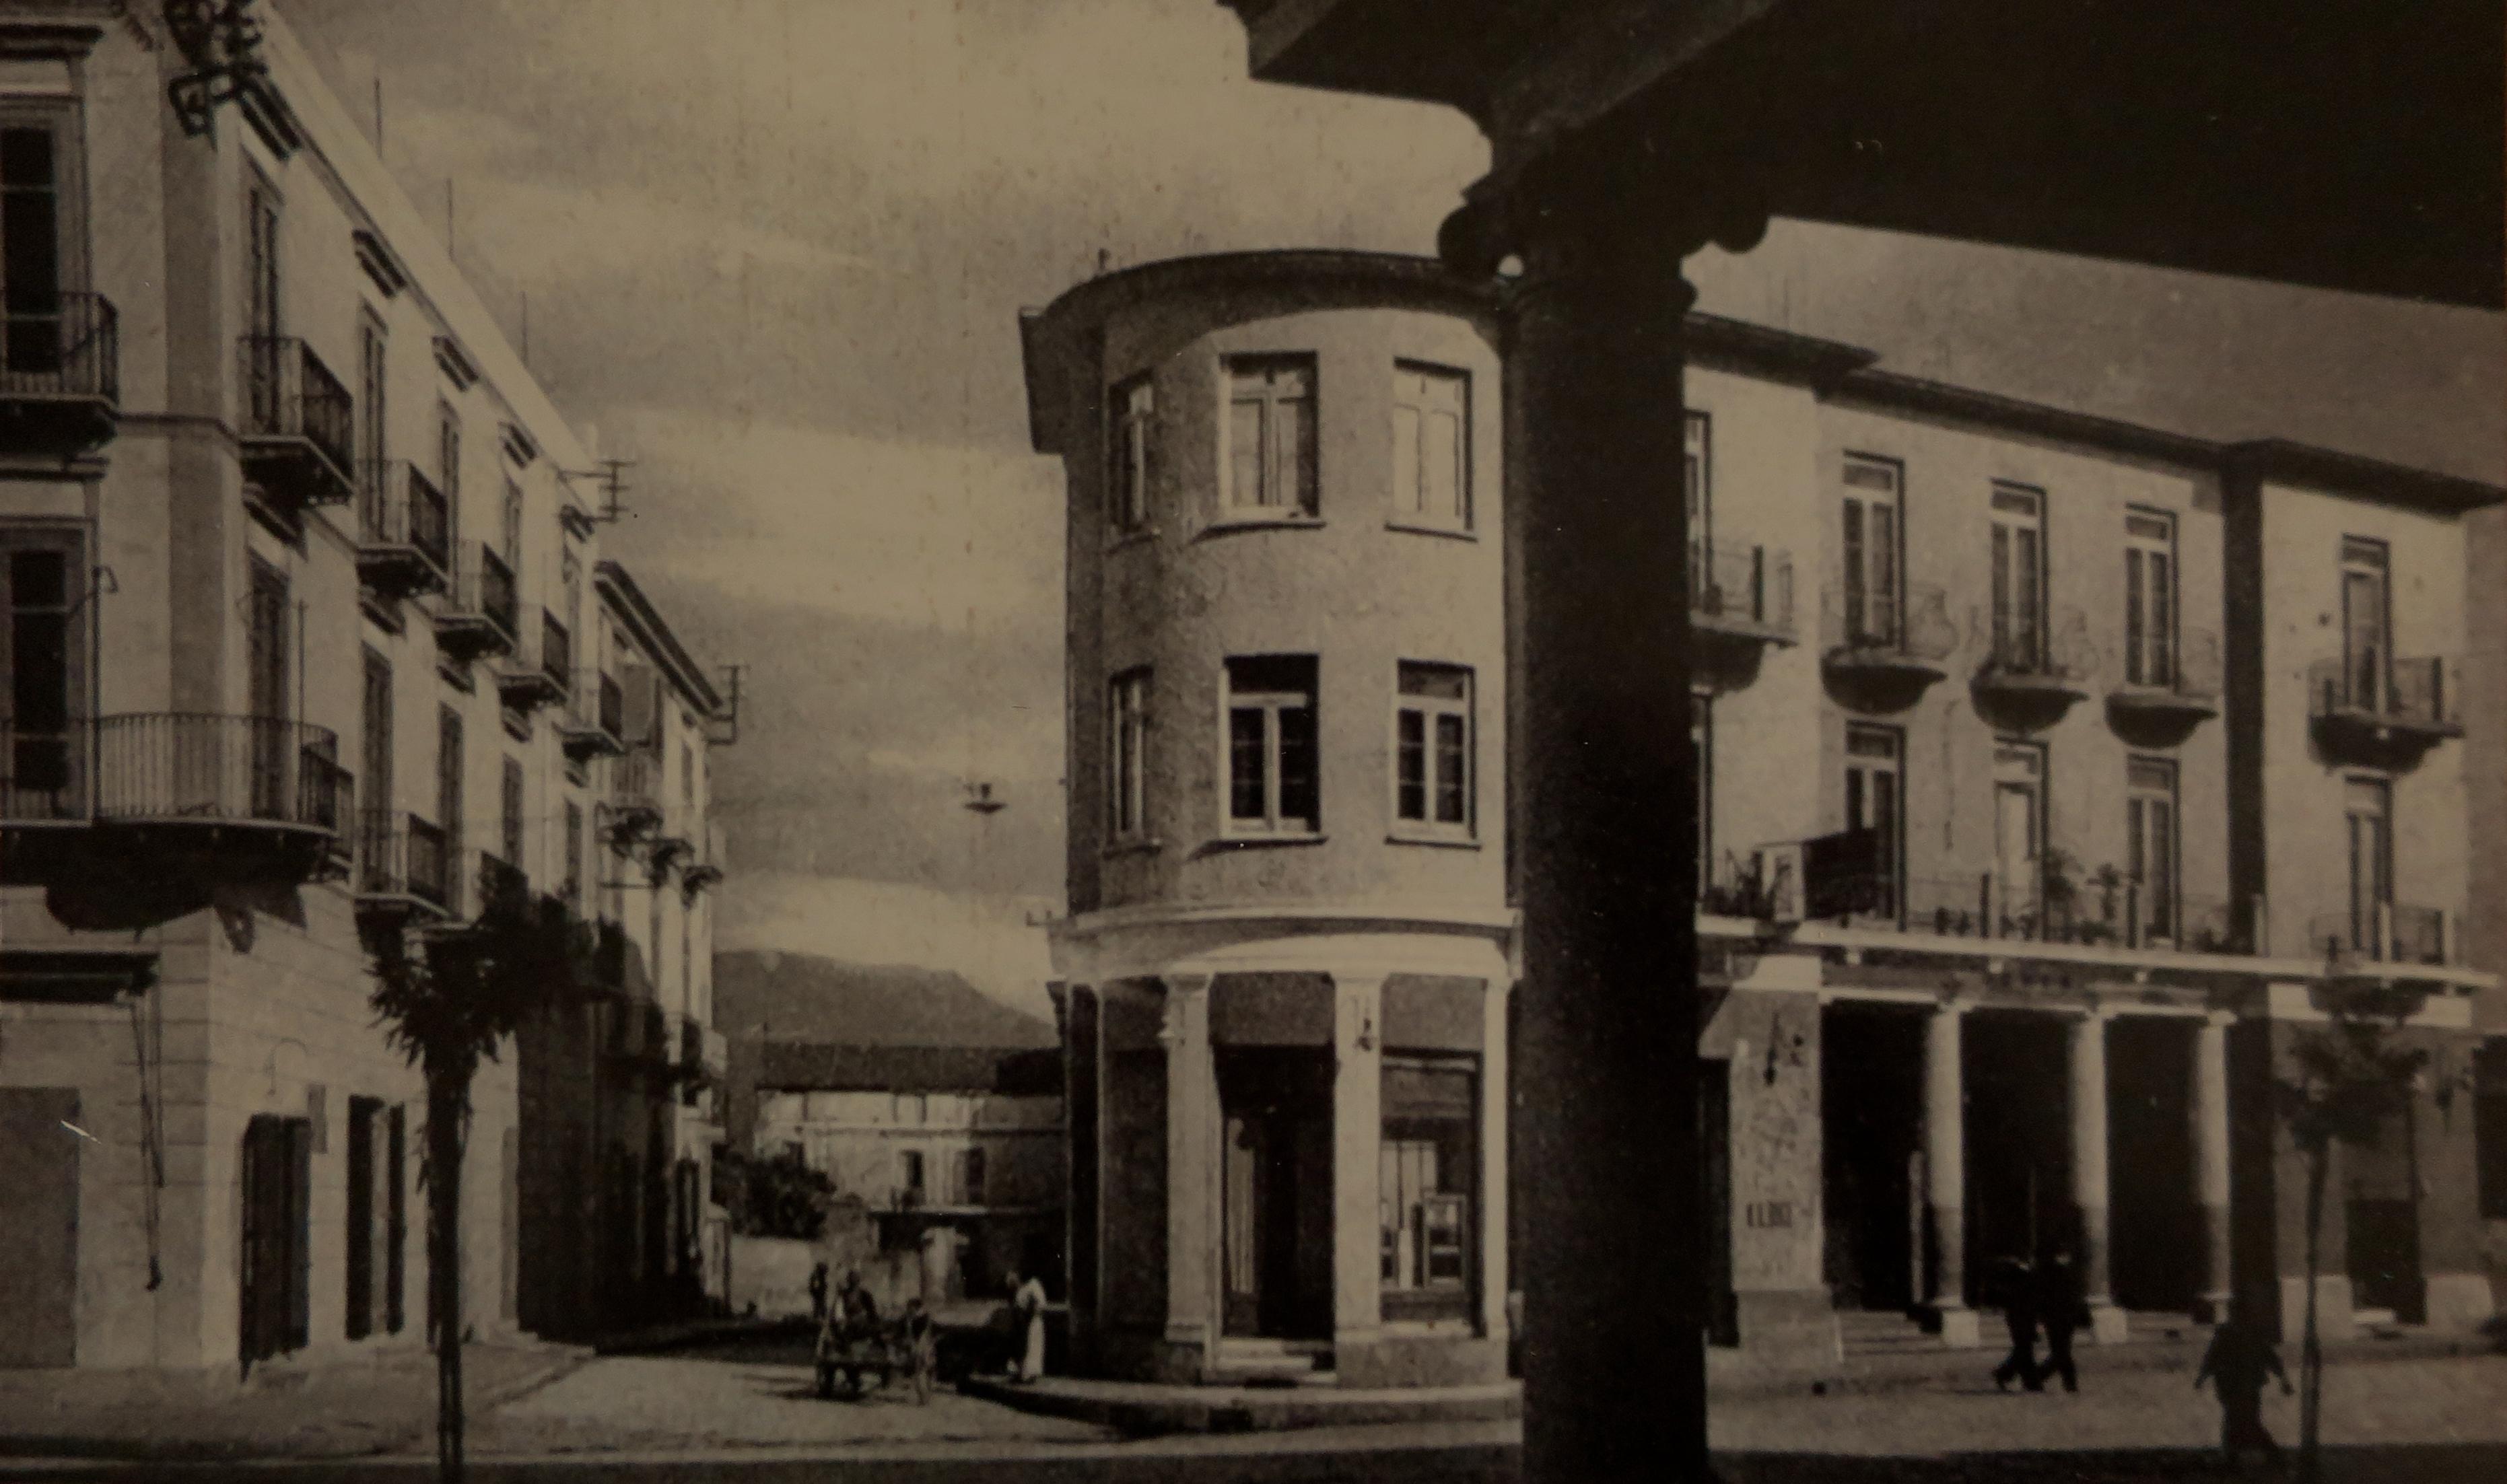 san-giuseppe-ii-photo-kopie